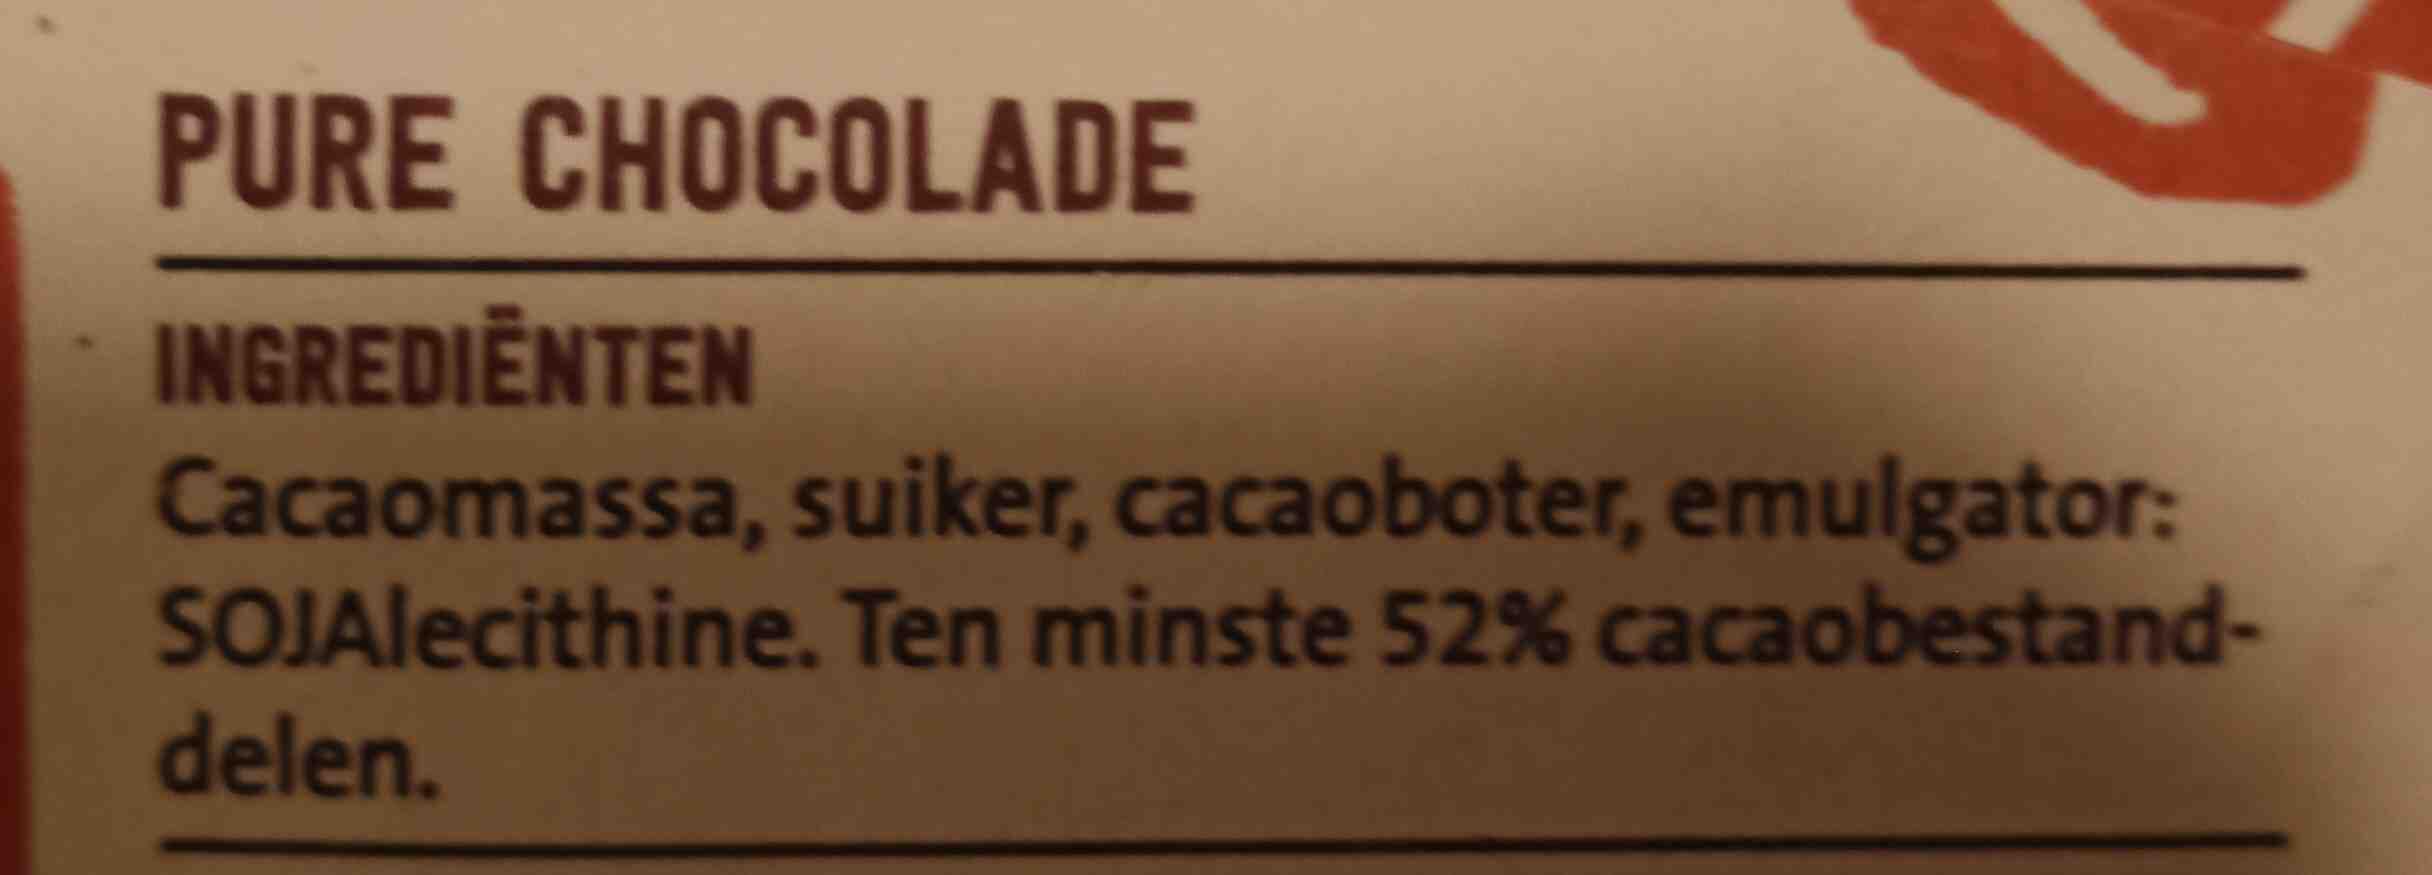 Krachtige puur chocolade - Ingrediënten - nl